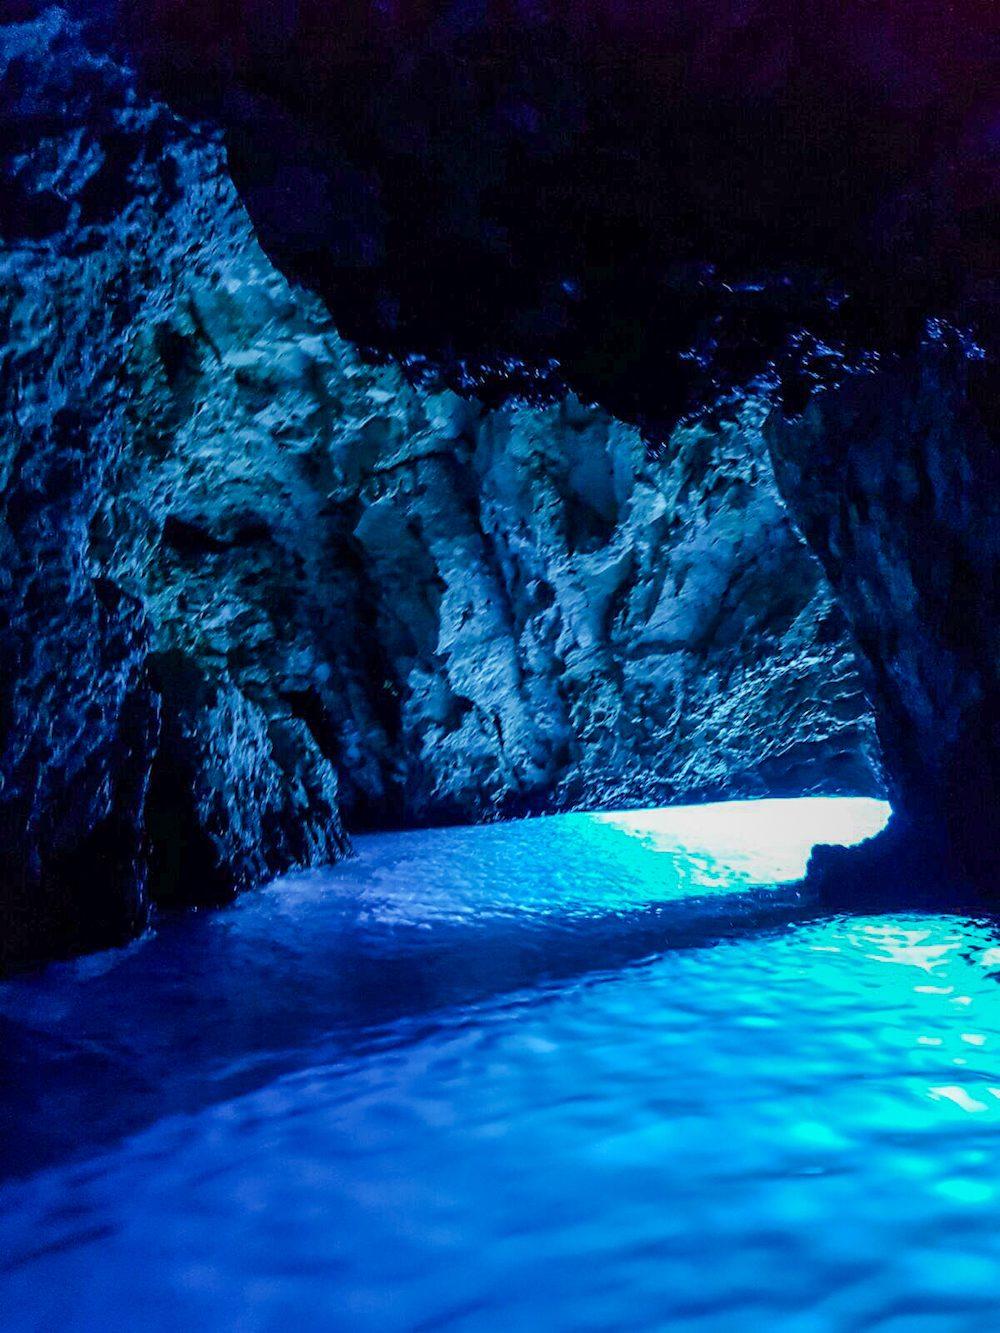 3 blue cave National Park Krka watervallen kroatie - bijzonderestreken.nl dfd